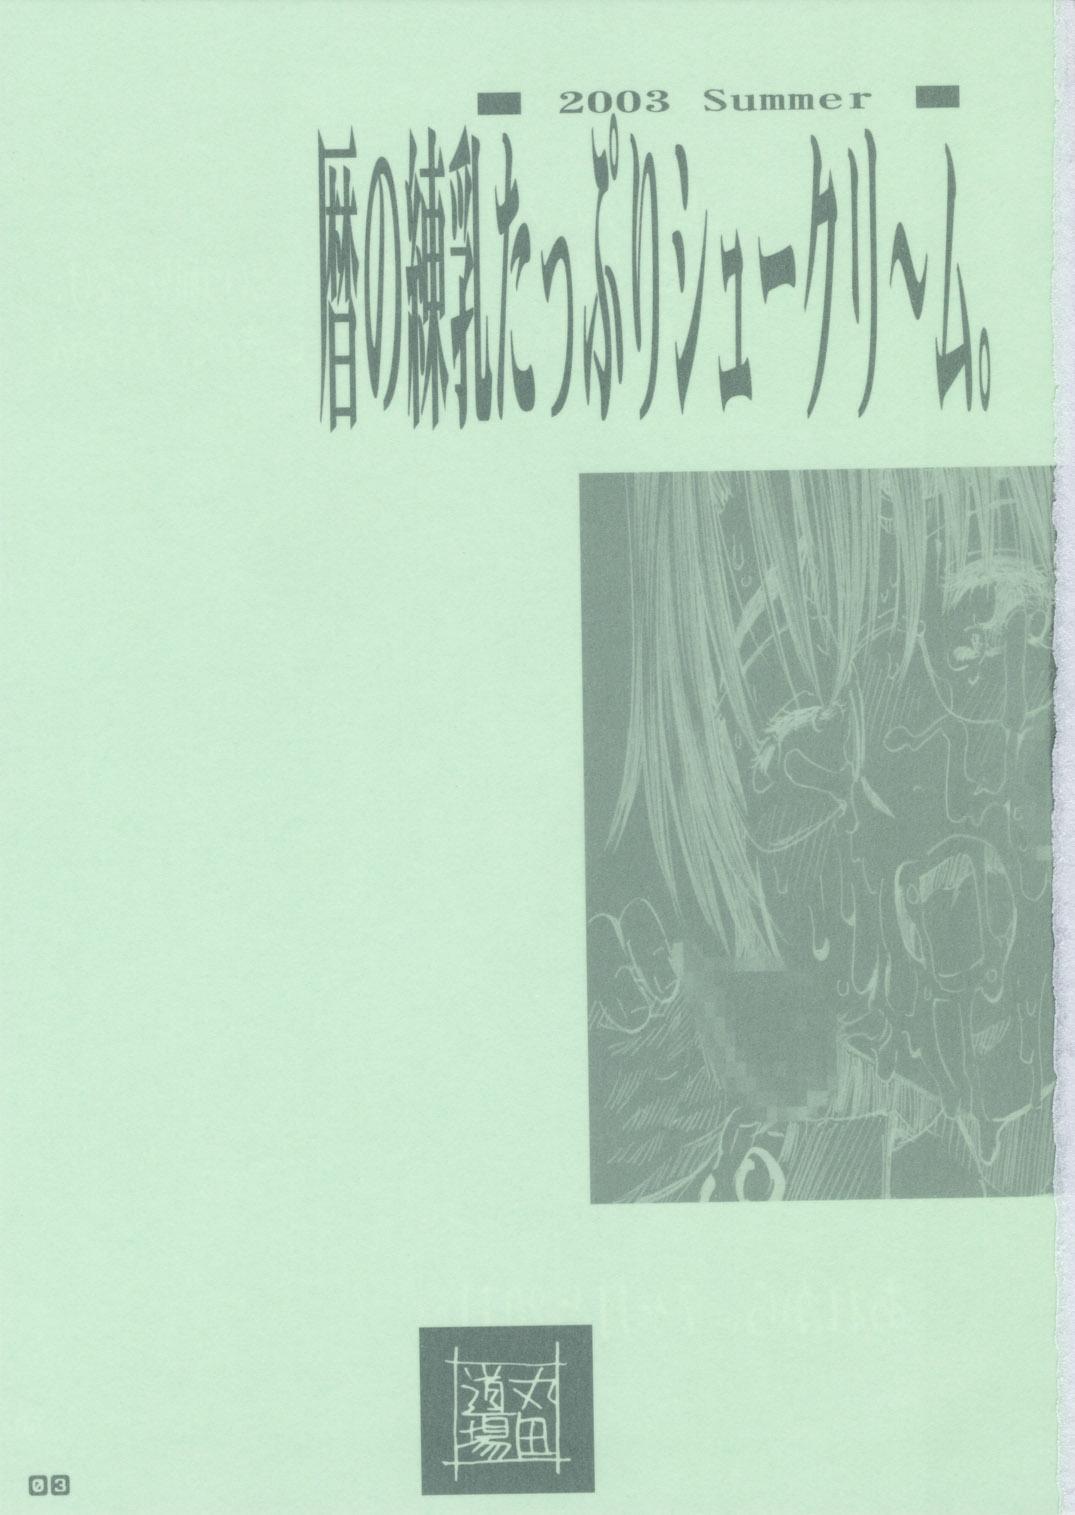 (C64) [MARUTA-DOJO (MARUTA)] Koyomi no Ren-nyu Tappuri Syu-Kuri-mu (Azumanga-Daioh) 1